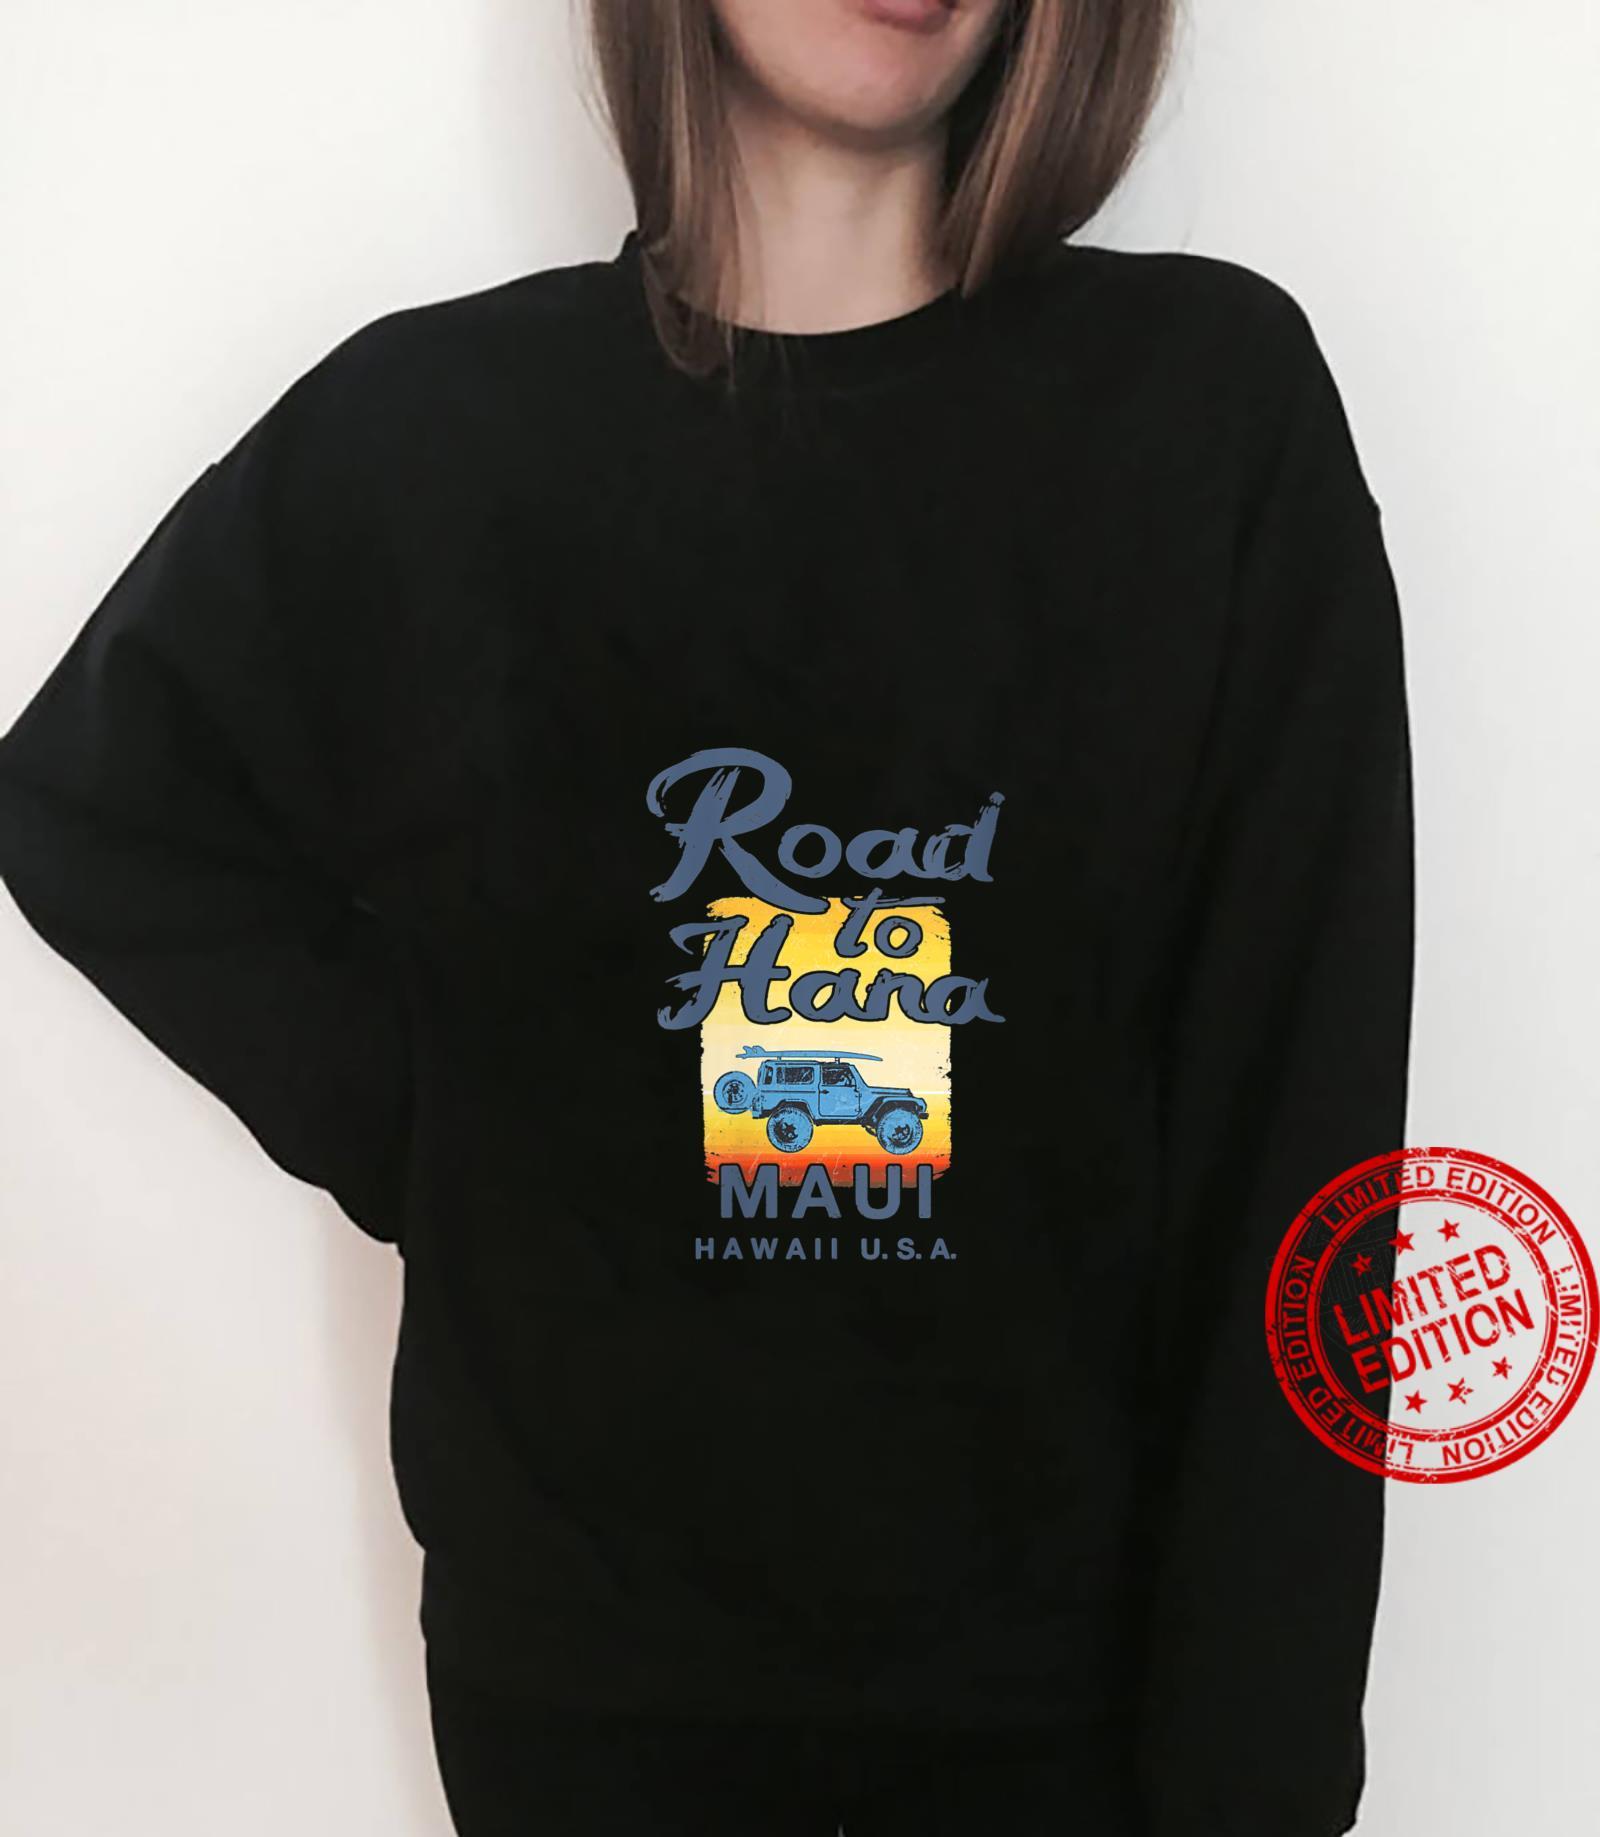 Womens Road to Hana MAUI Hawaii Vintage Shirt sweater